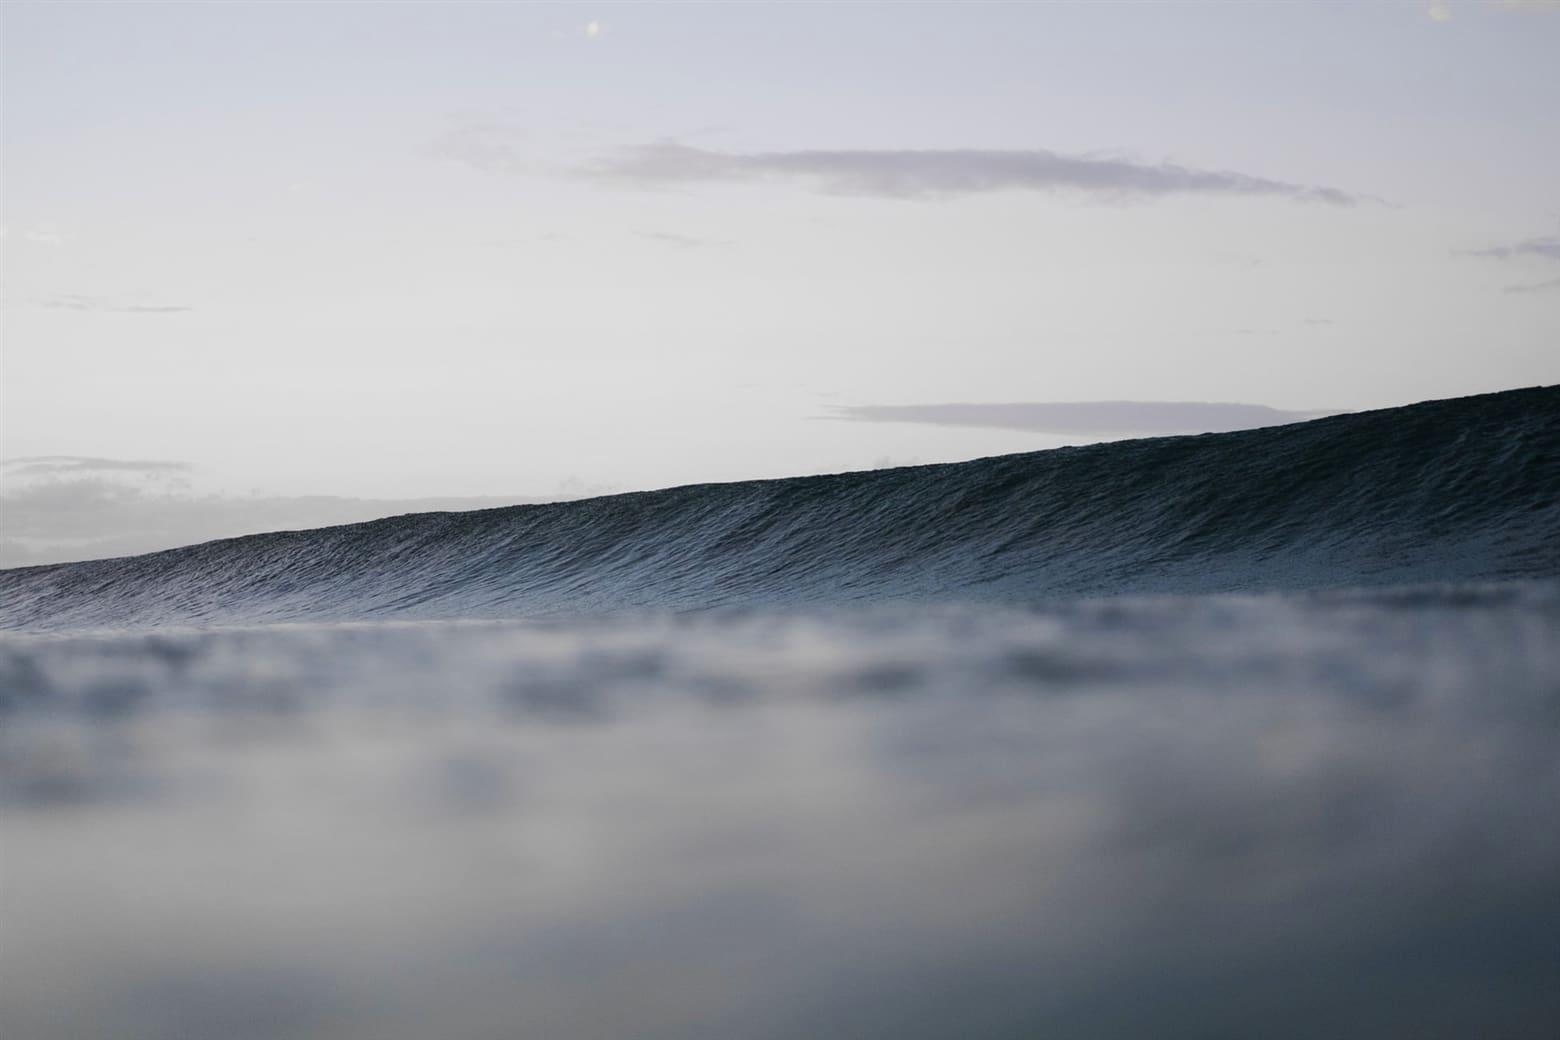 horaires marées Hermanville-sur-mer